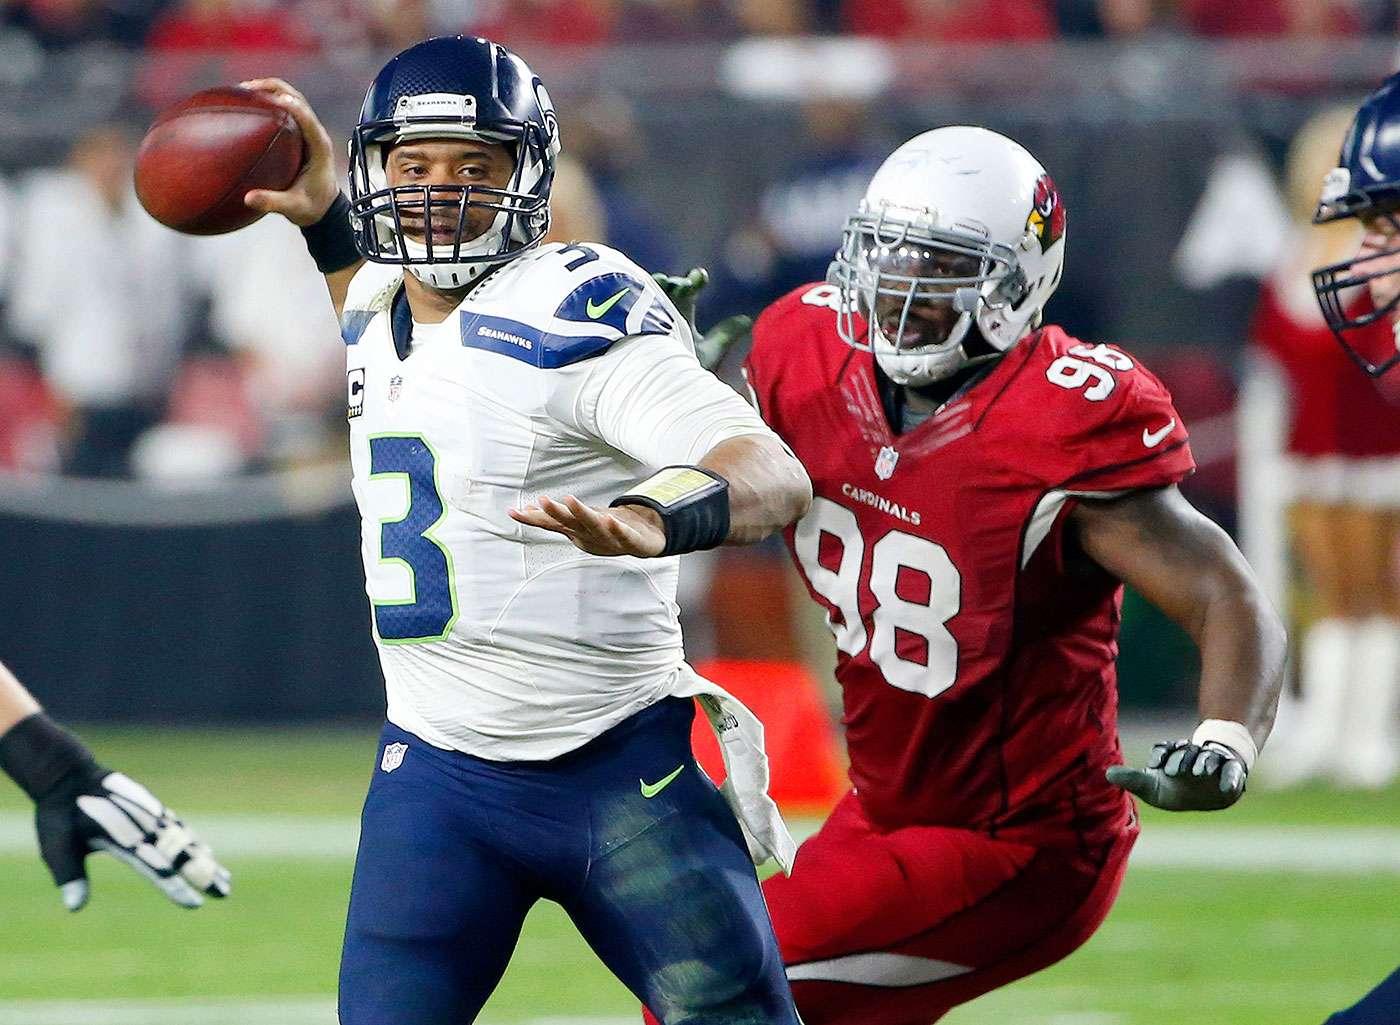 Russell Wilson lanzó dos pases de anotación y logró otro touchdown mediante un acarreo, para que los campeones Seattle Seahawks aplastaran 35-6 a los Arizona Cardinals y se embolsaran prácticamente el título en la División Oeste de la Conferencia Nacional. Foto: AP